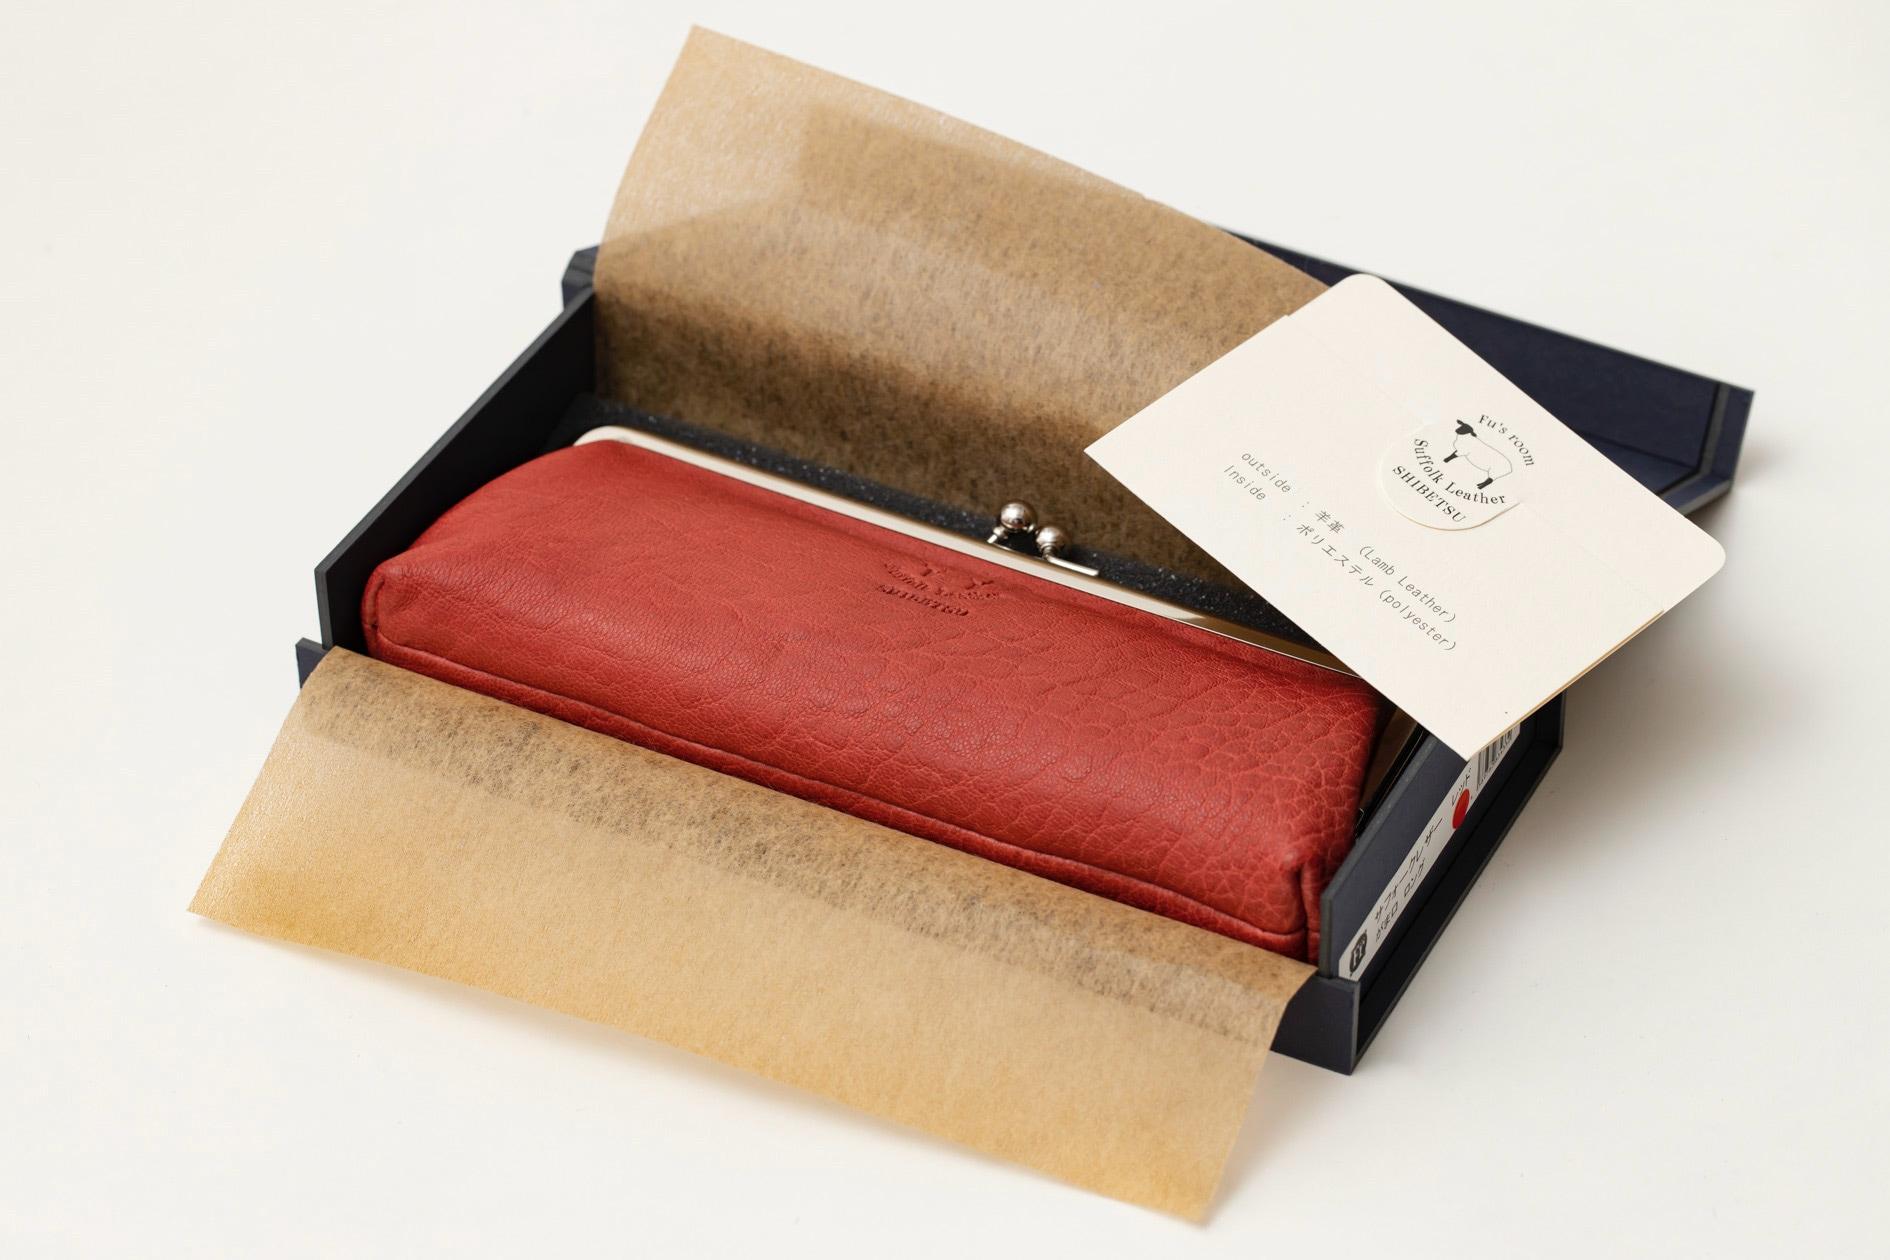 ギフト箱に入ったFu's roomのサフォークレザーの「がま口(ロングサイズ)」,プレゼント用のがま口財布